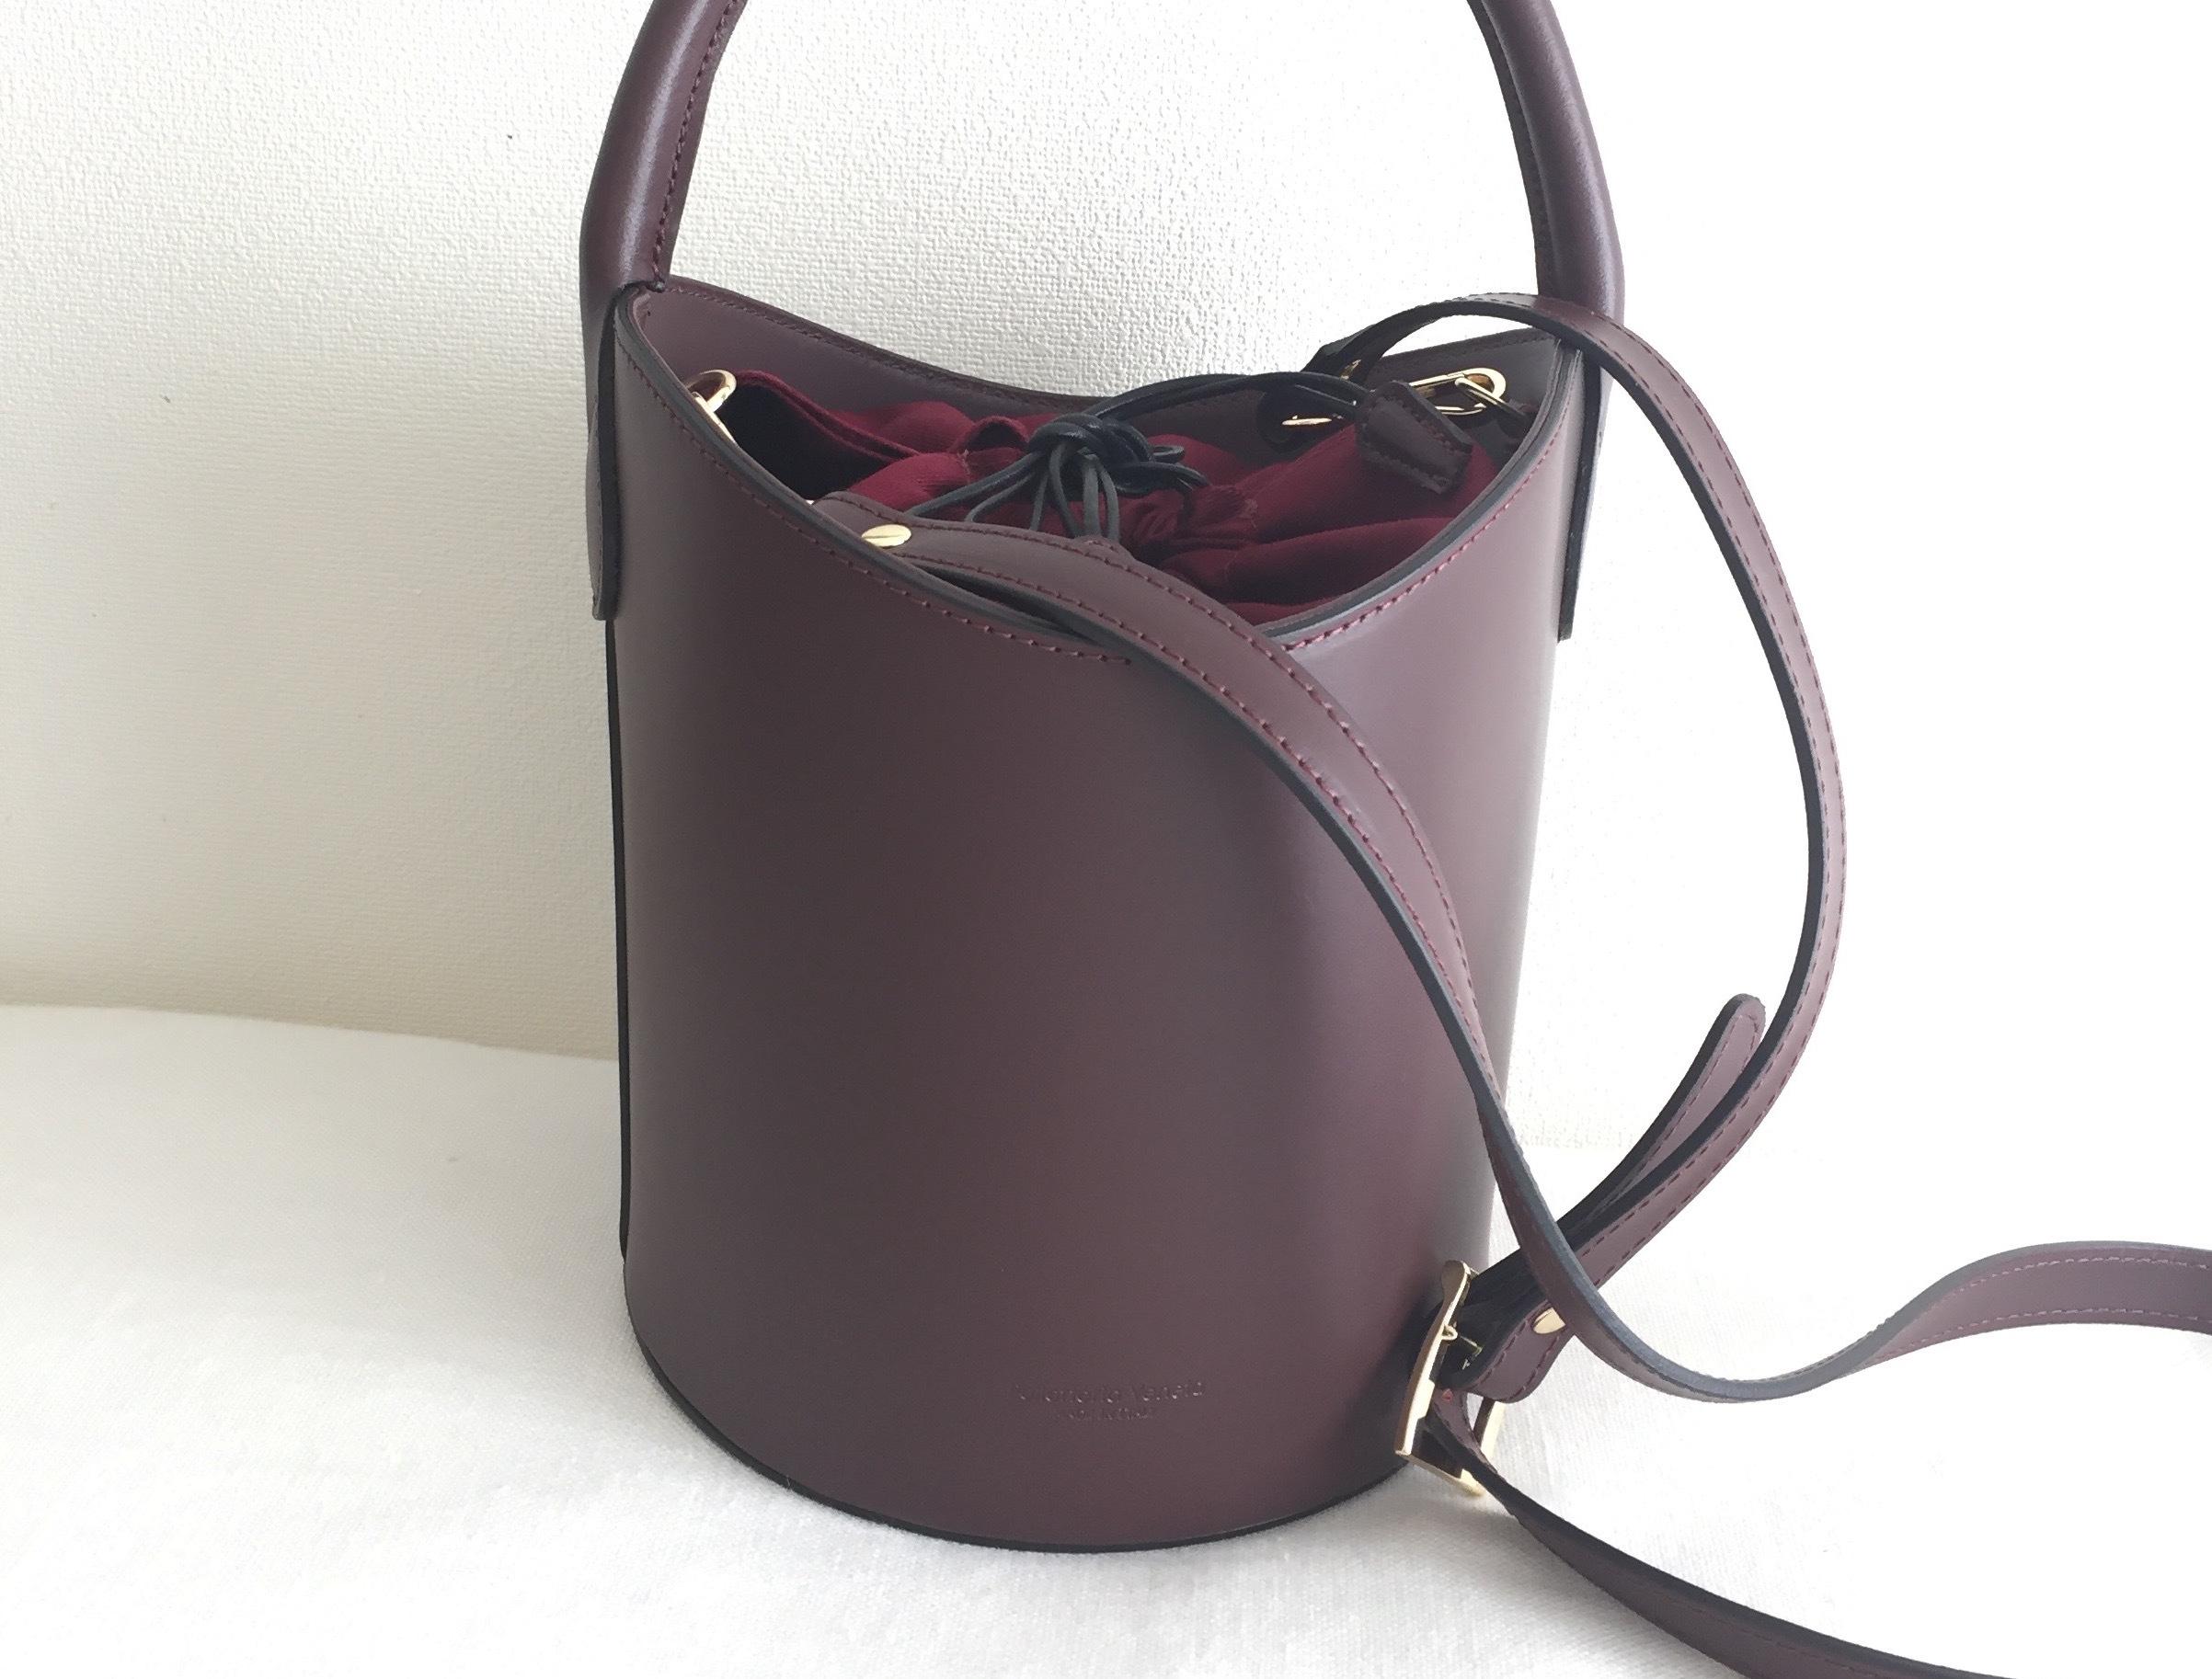 売り切れ寸前!「PELLETTERIA VENETA」の高見えバケツ型バッグ